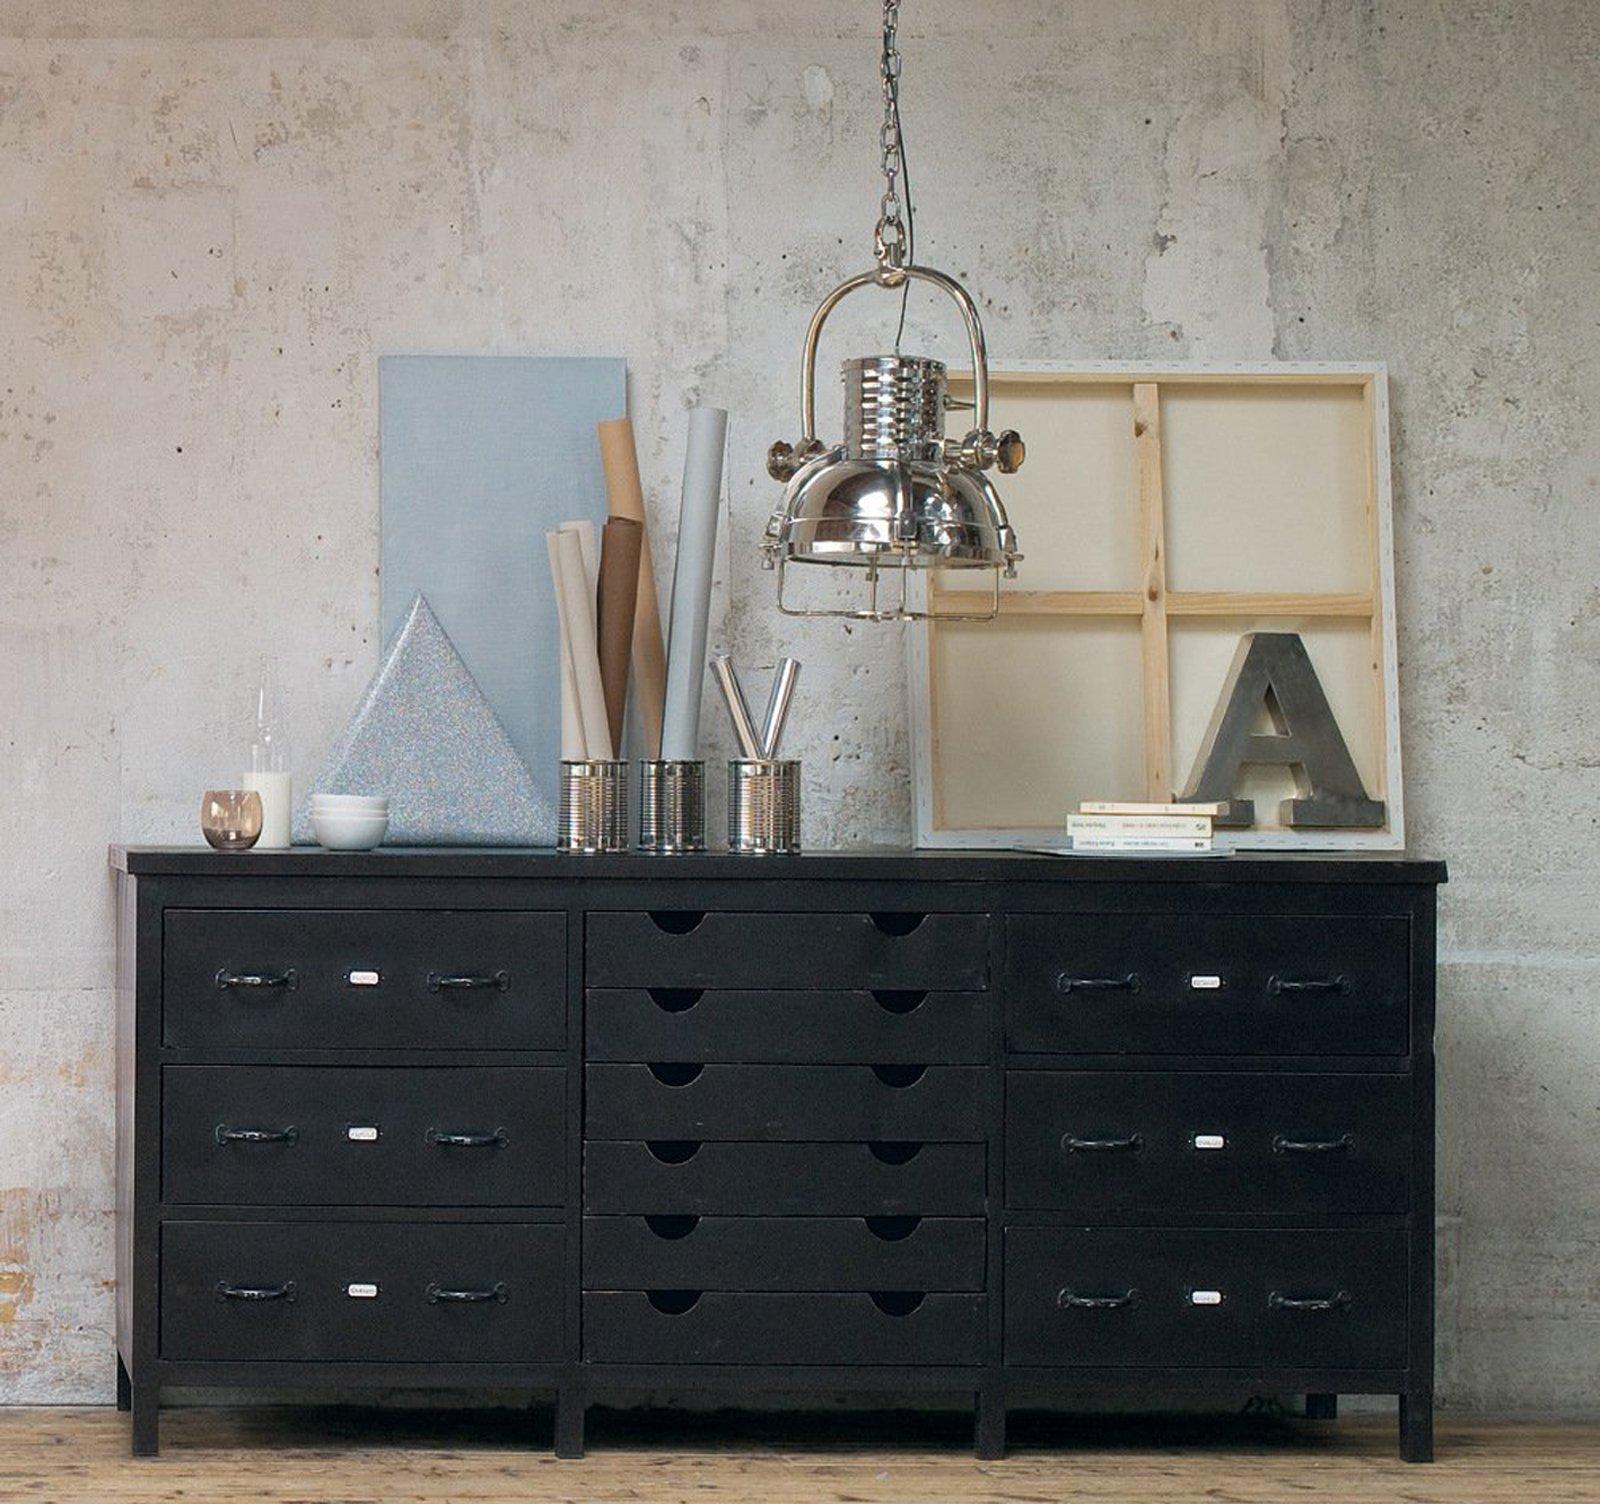 Le nuove madie cose di casa for Design 2000 mobili